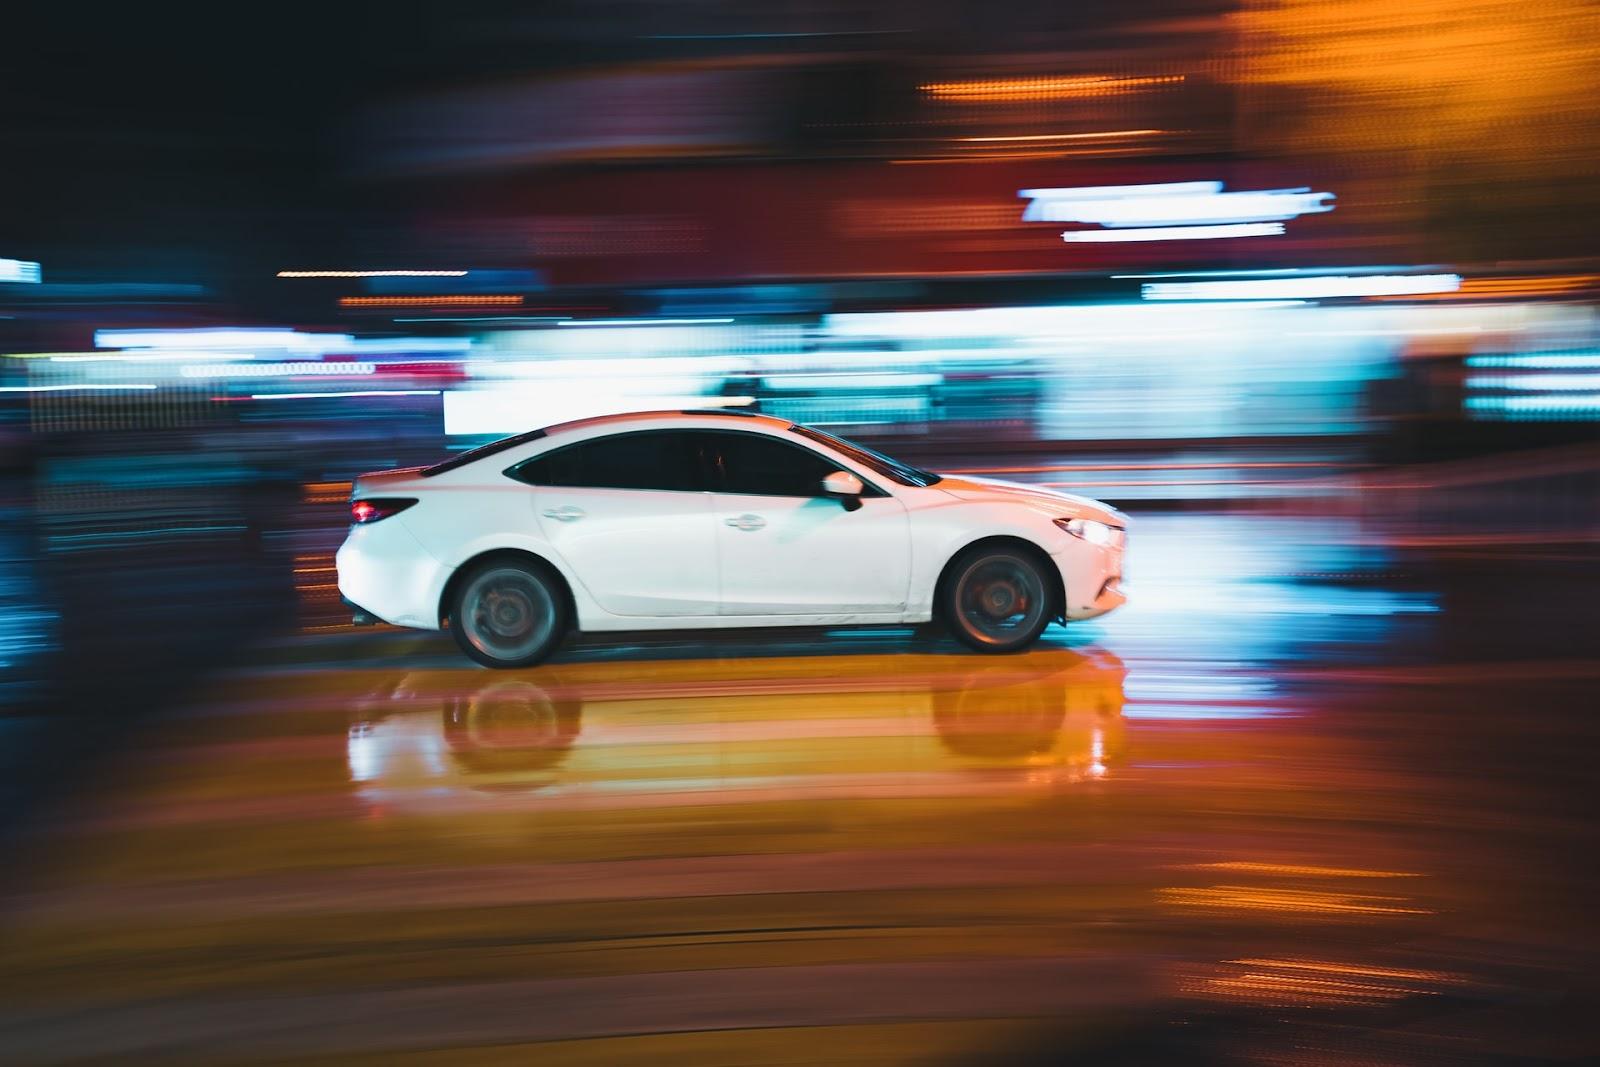 Os carros sedans têm um valor de aquisição superior ao de outras categorias, como os hatches. (Unsplash/Reprodução)